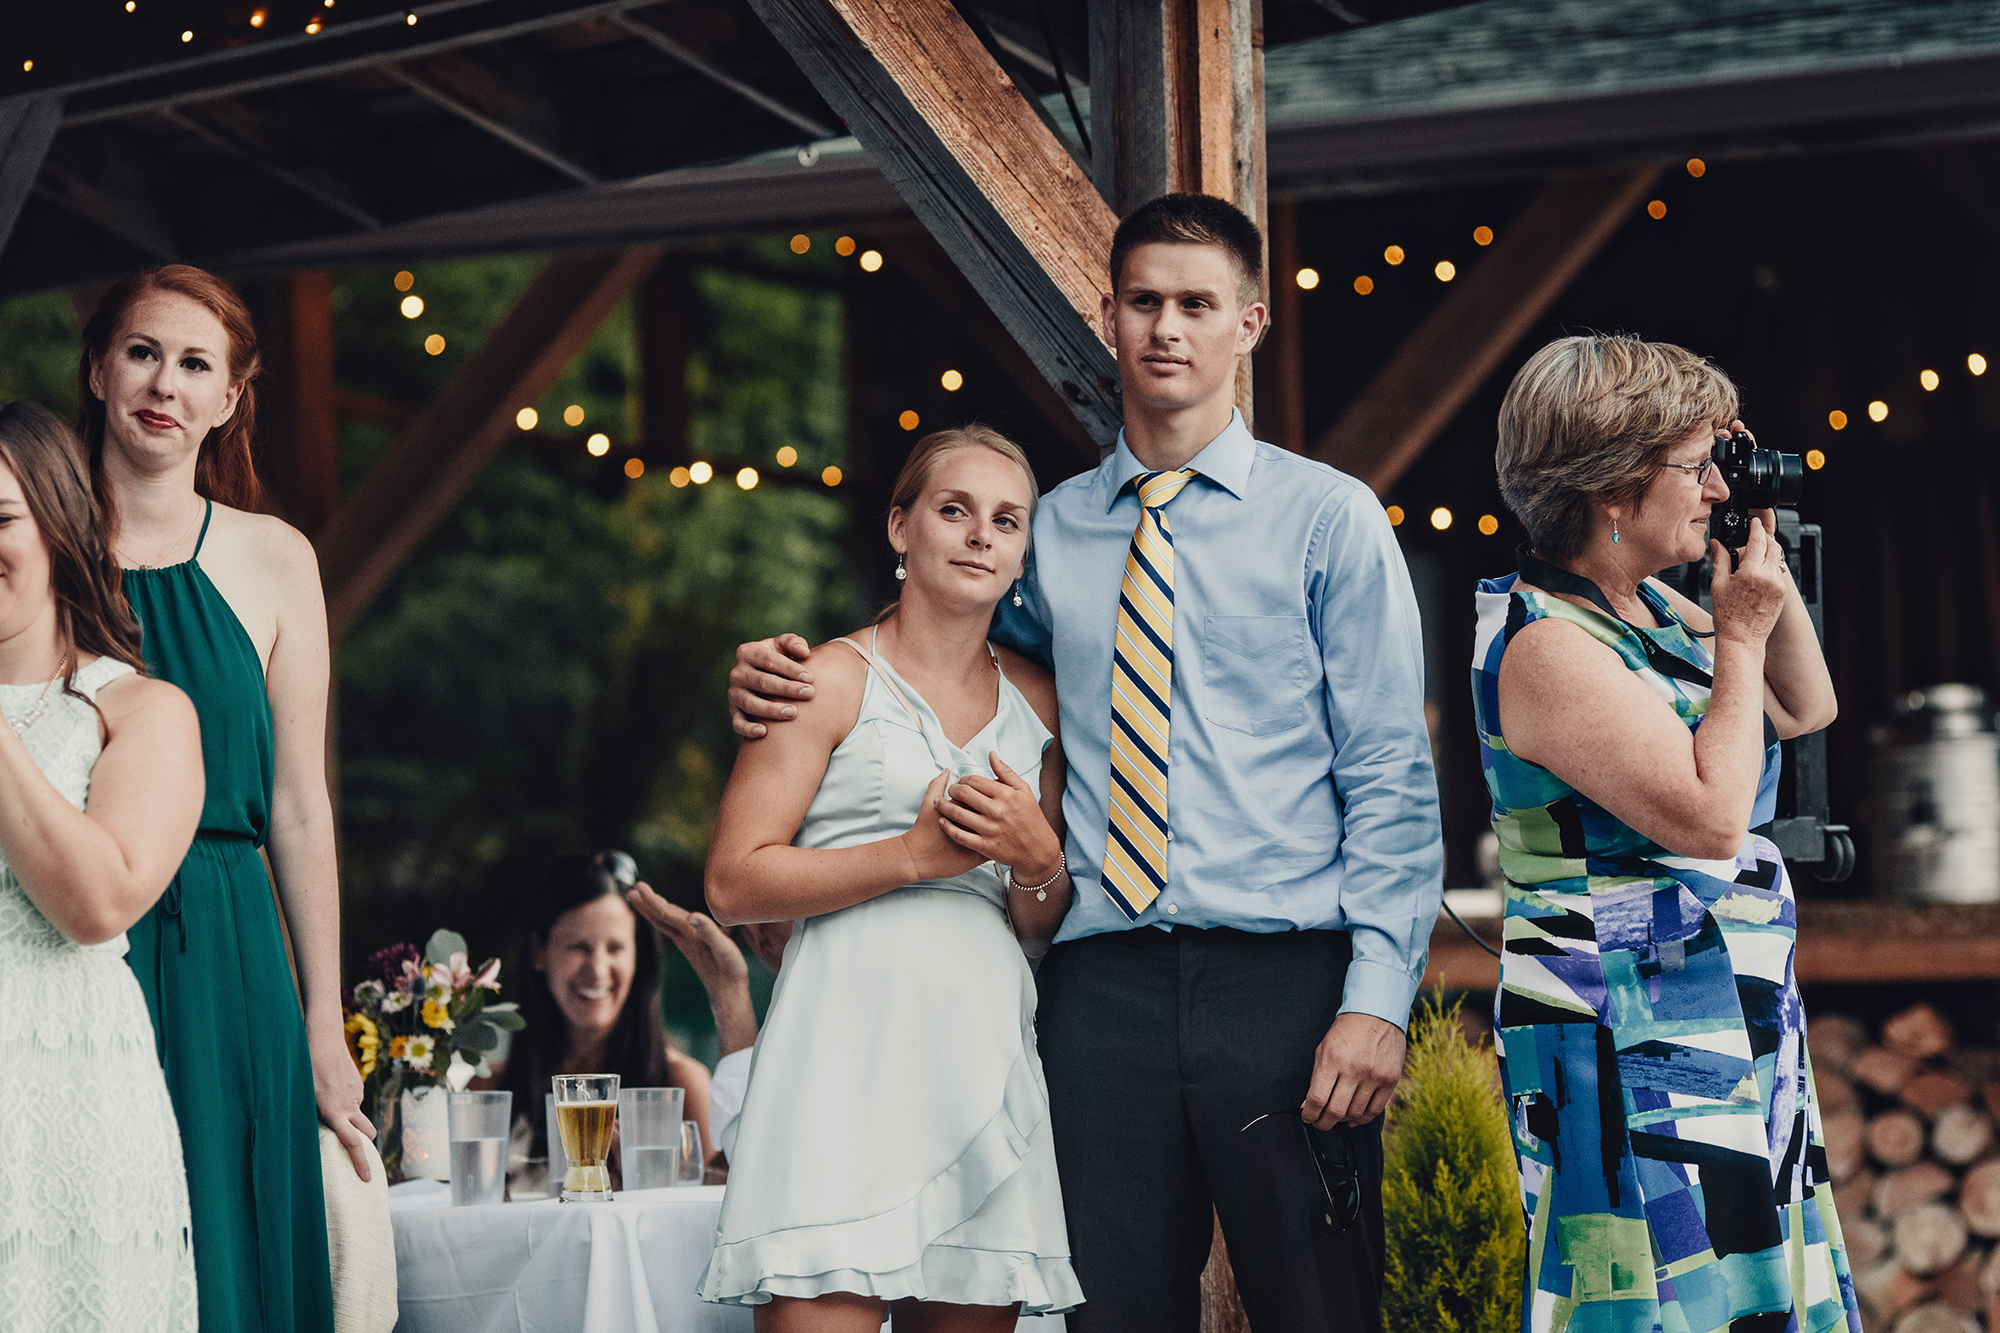 mountain-top-wedding-photos-0108.JPG